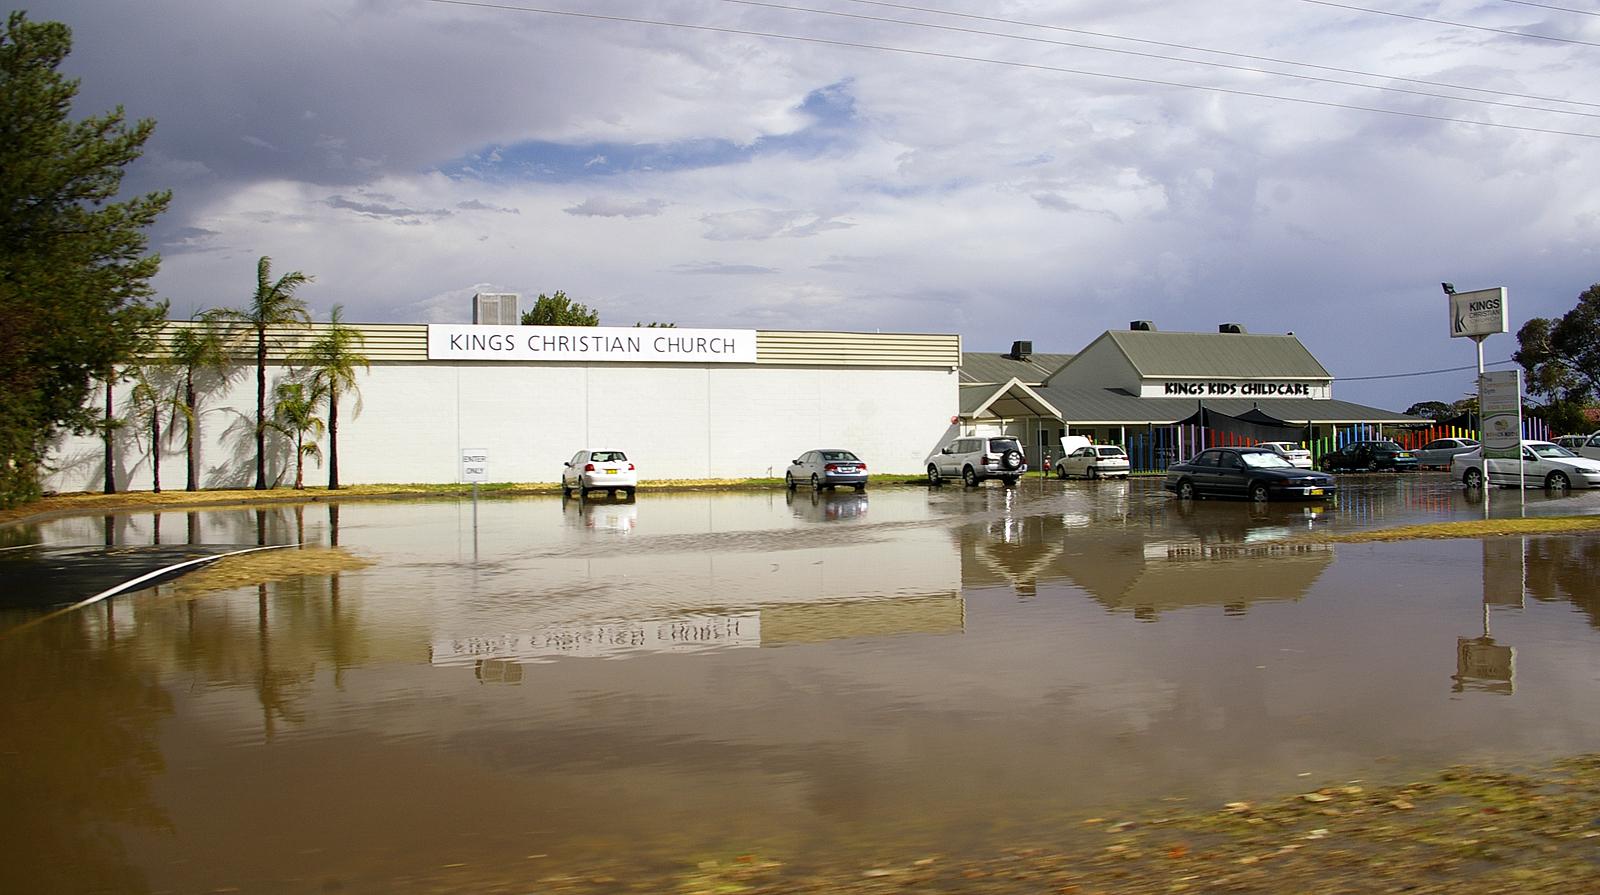 صور تعبير كامل عن الفيضانات باللغة العربية